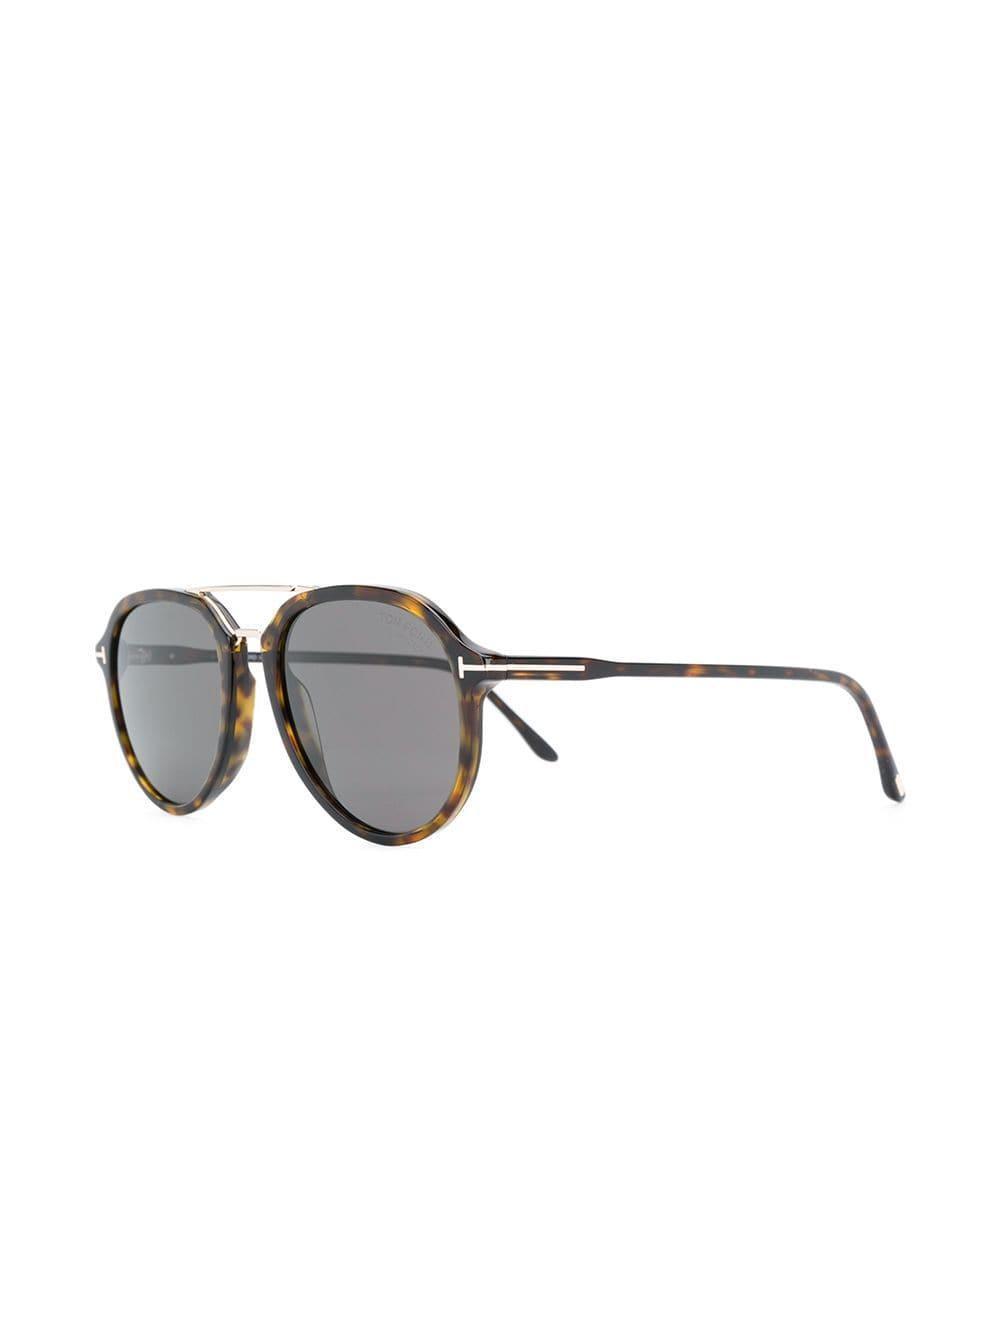 4dbd6c6258 Lyst - Tom Ford Tortoiseshell Sunglasses in Brown for Men